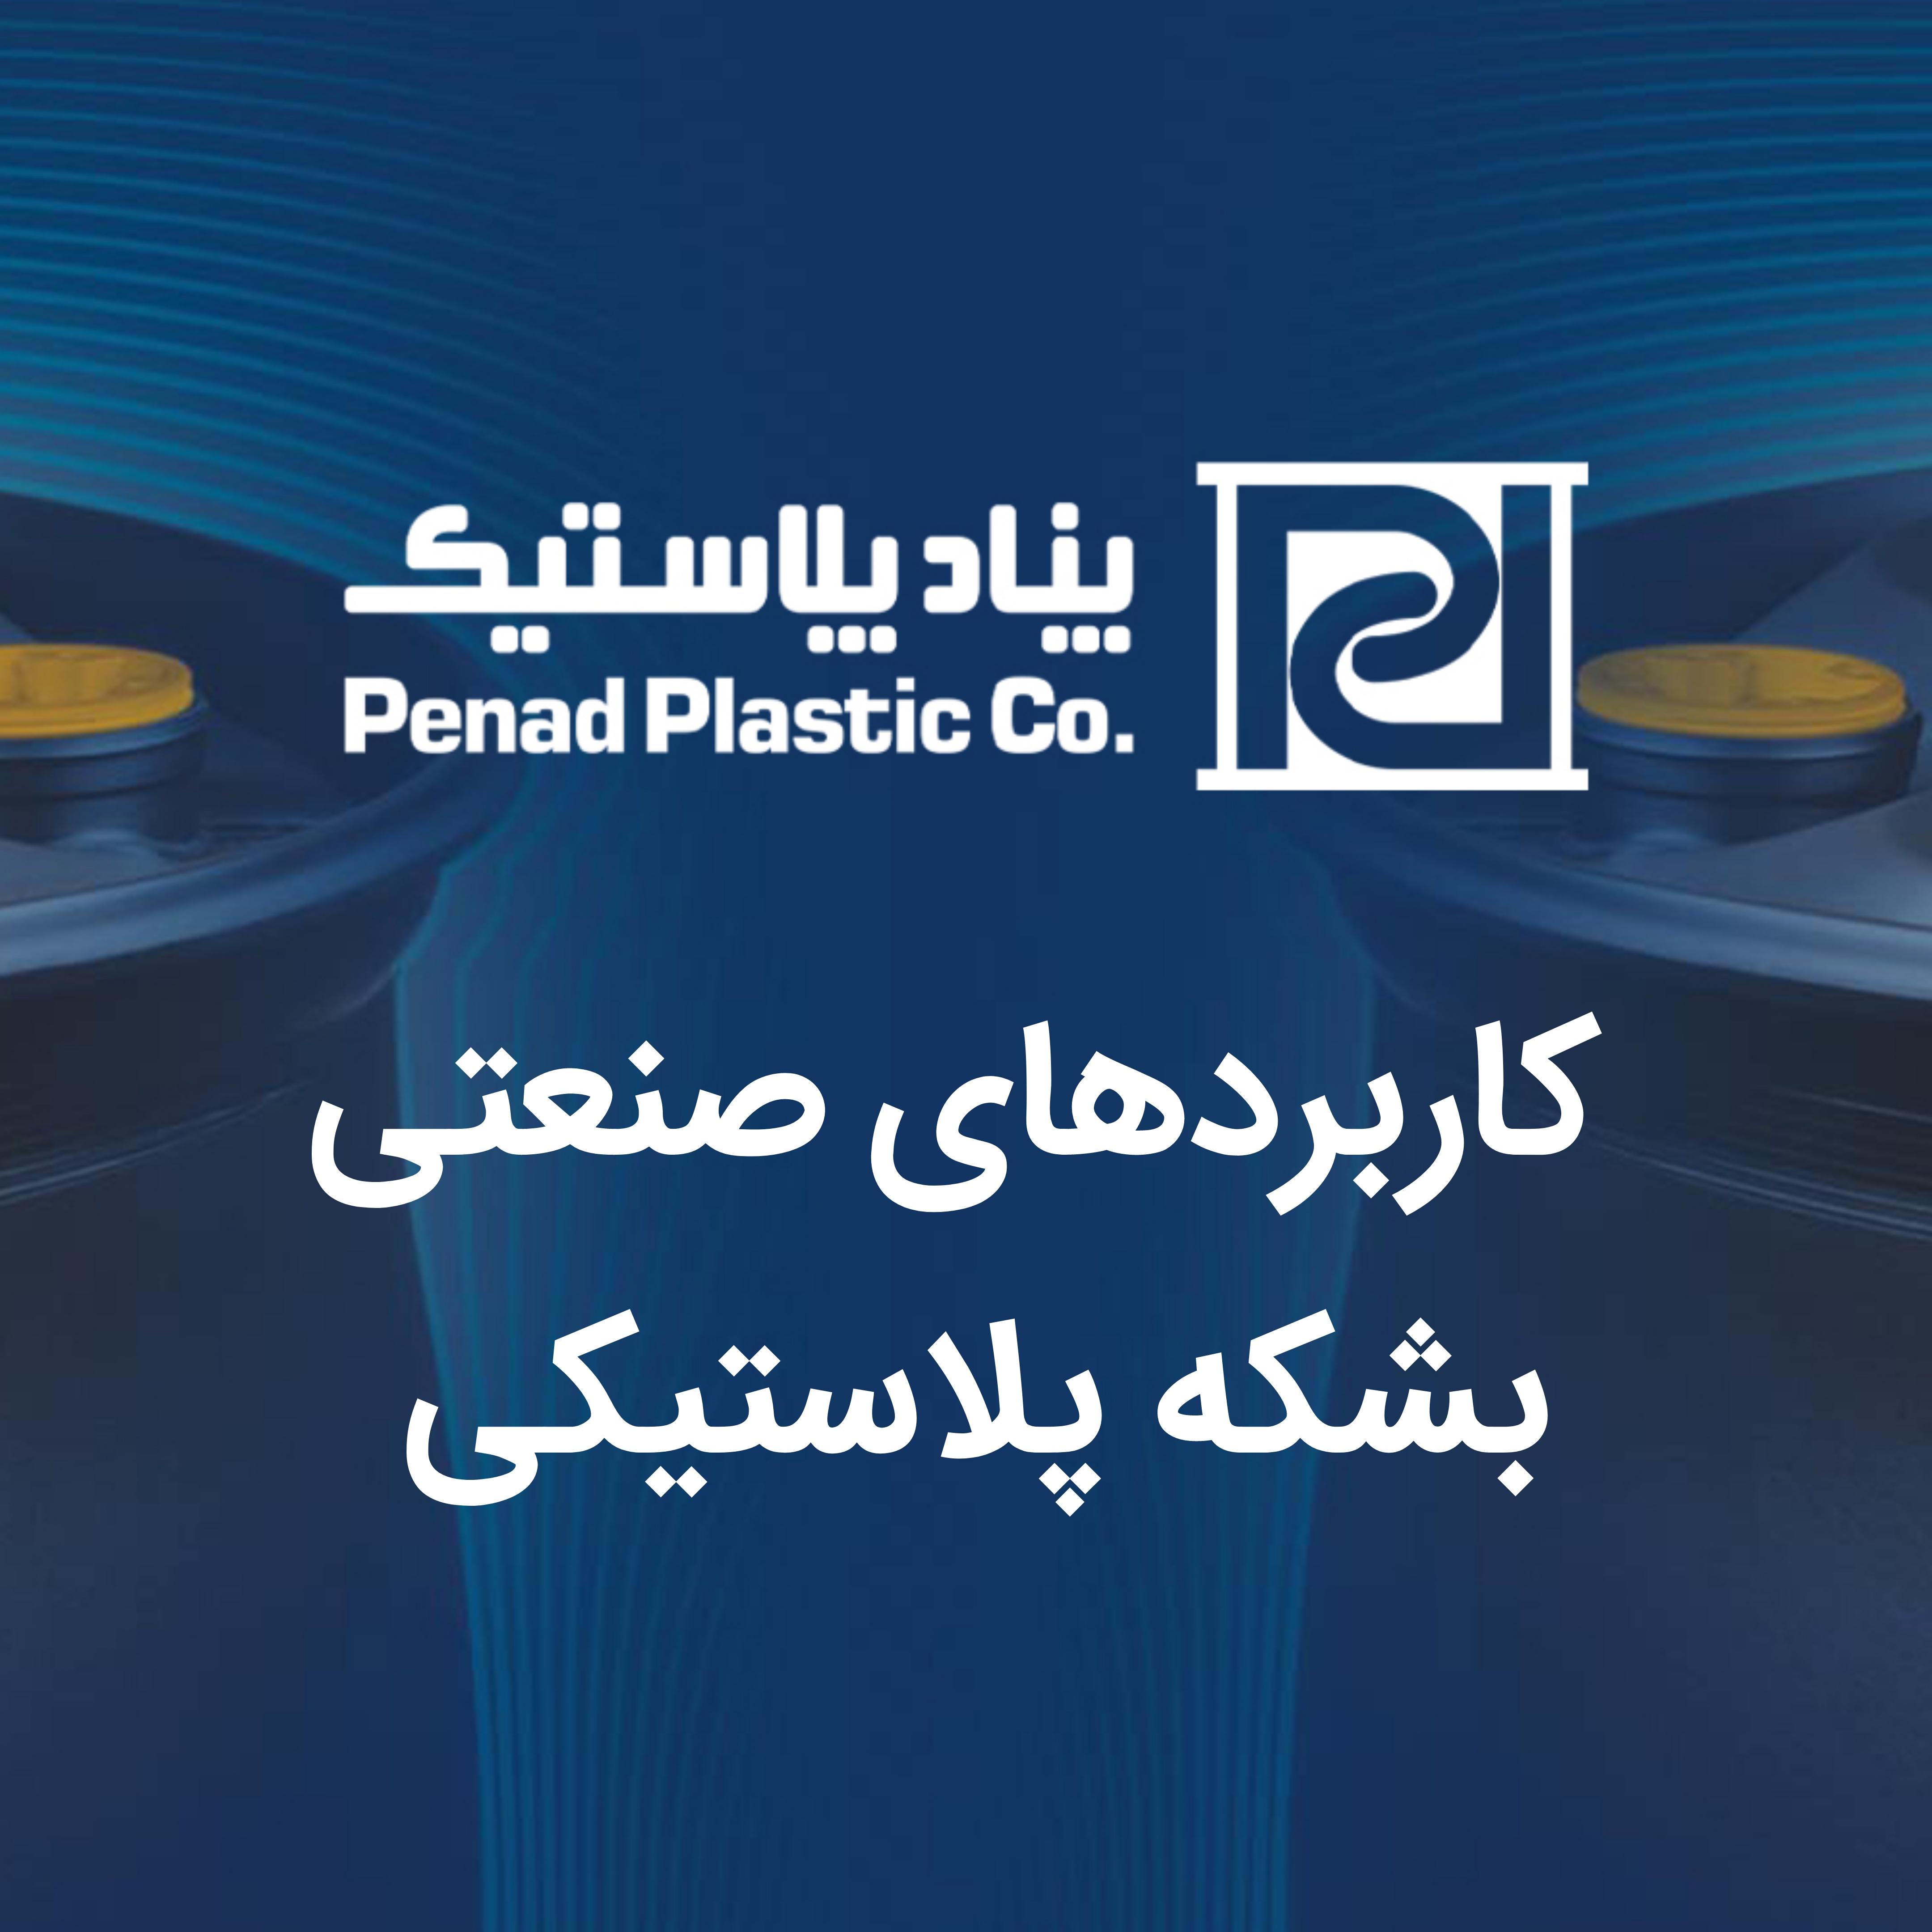 کاربردهای صنعتی بشکه پلاستیکی